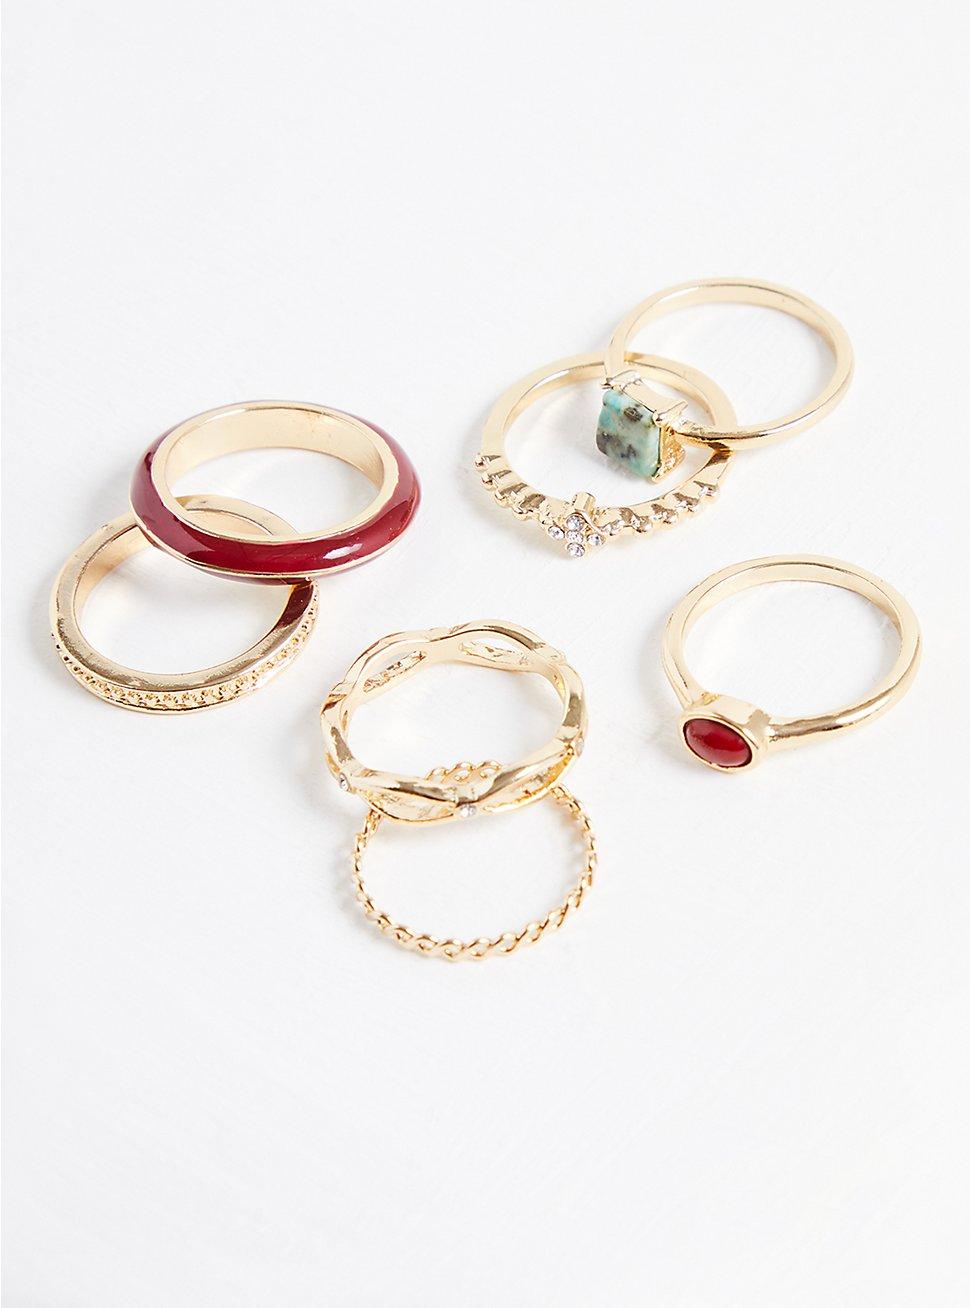 Stacking Ring Set of 7 - Gold Tone & Wine Enamel, MULTI, hi-res